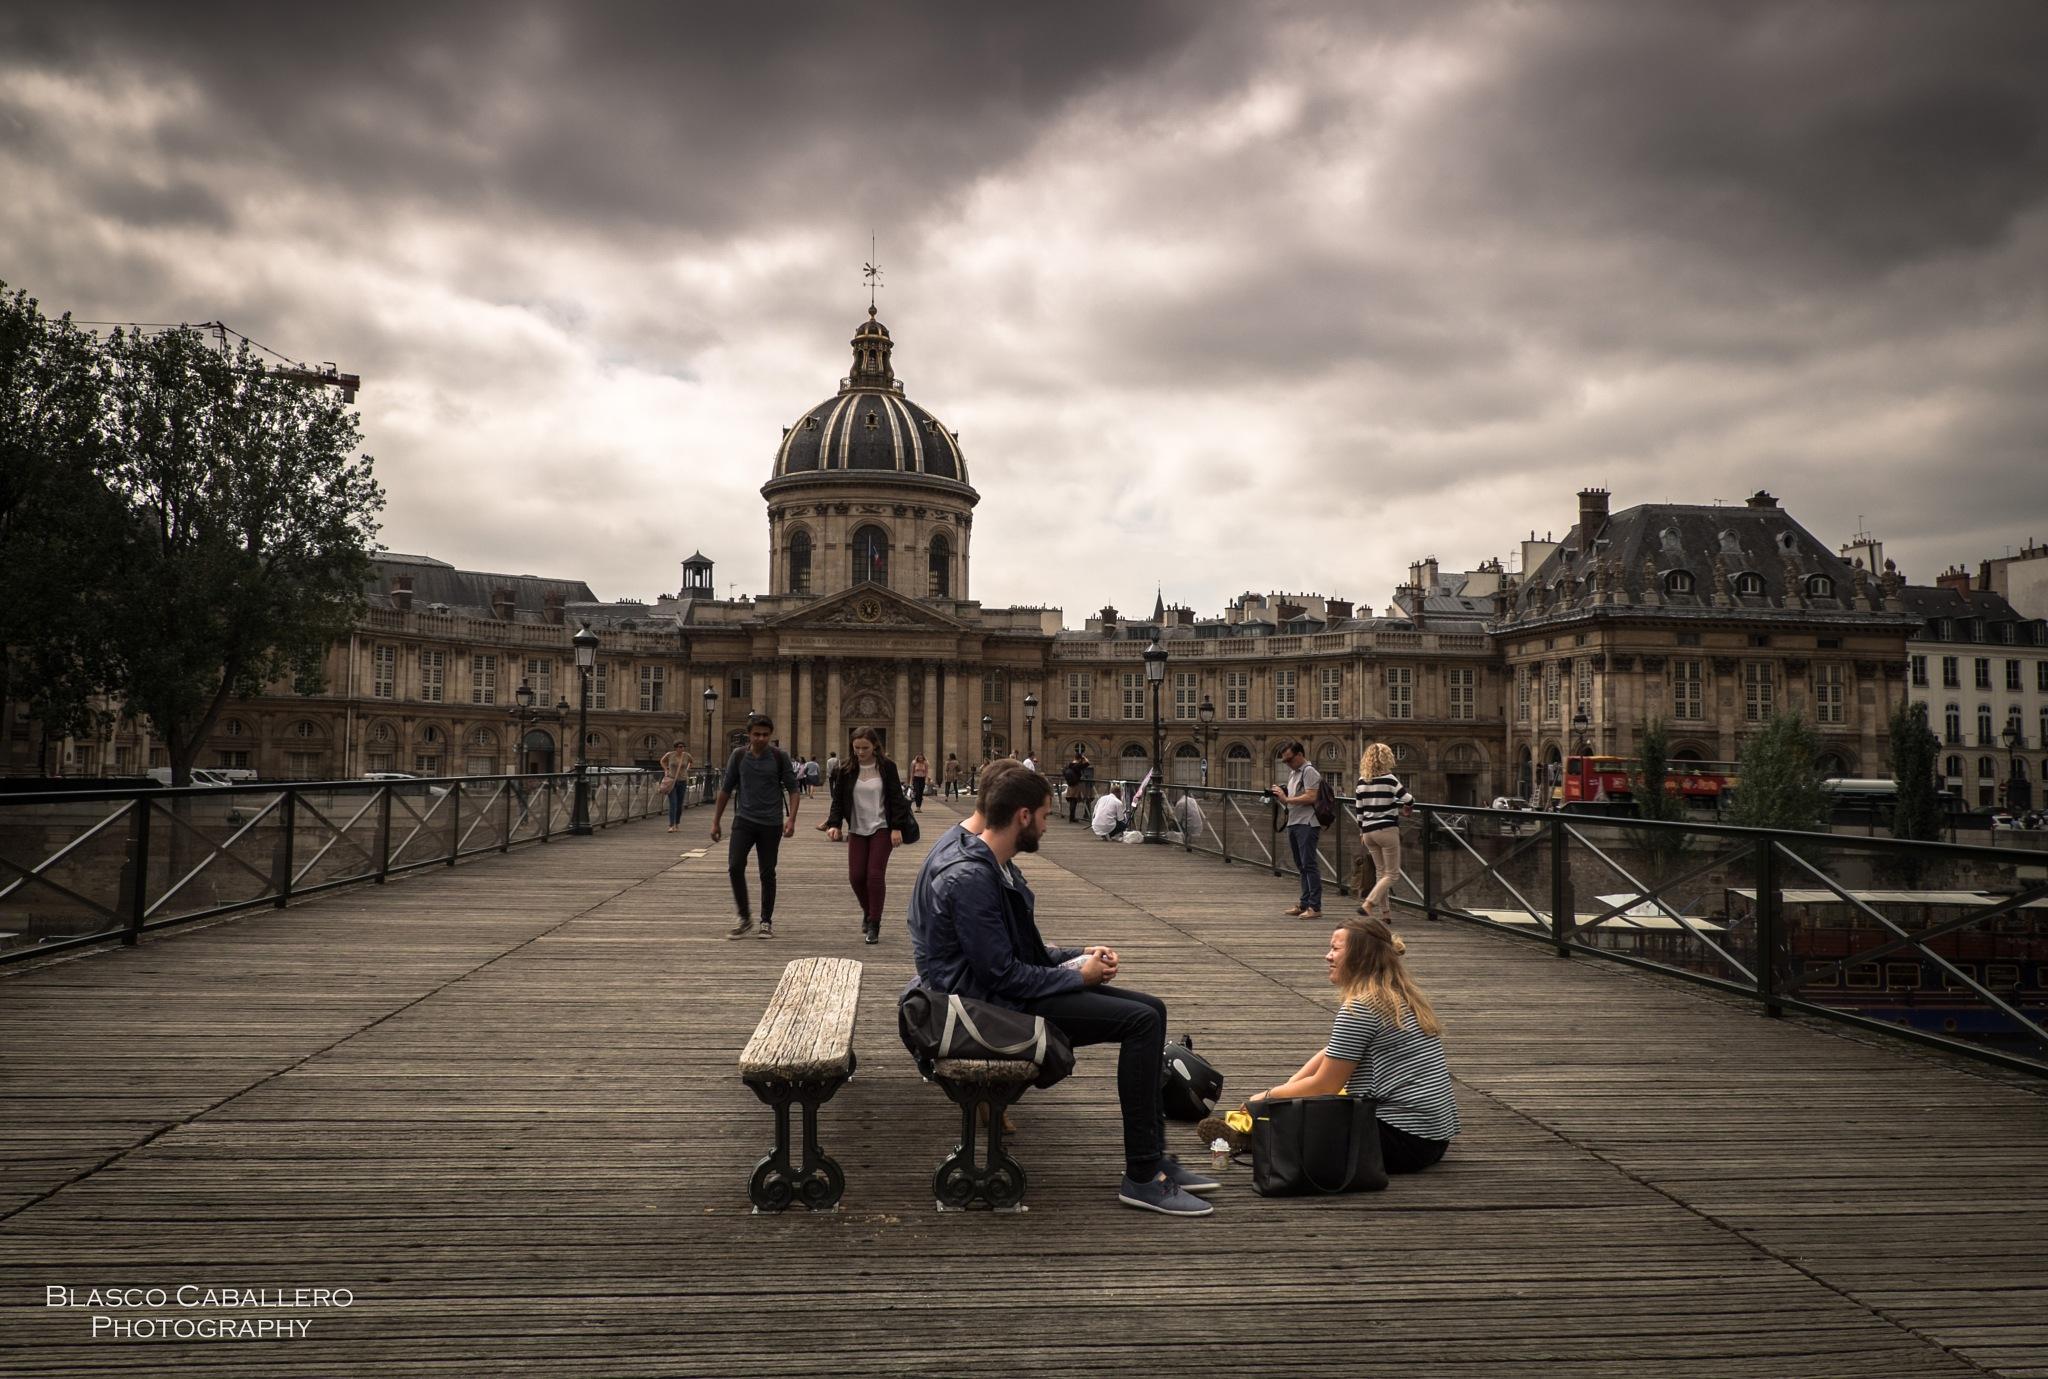 París Cityscape by Blasco Caballero